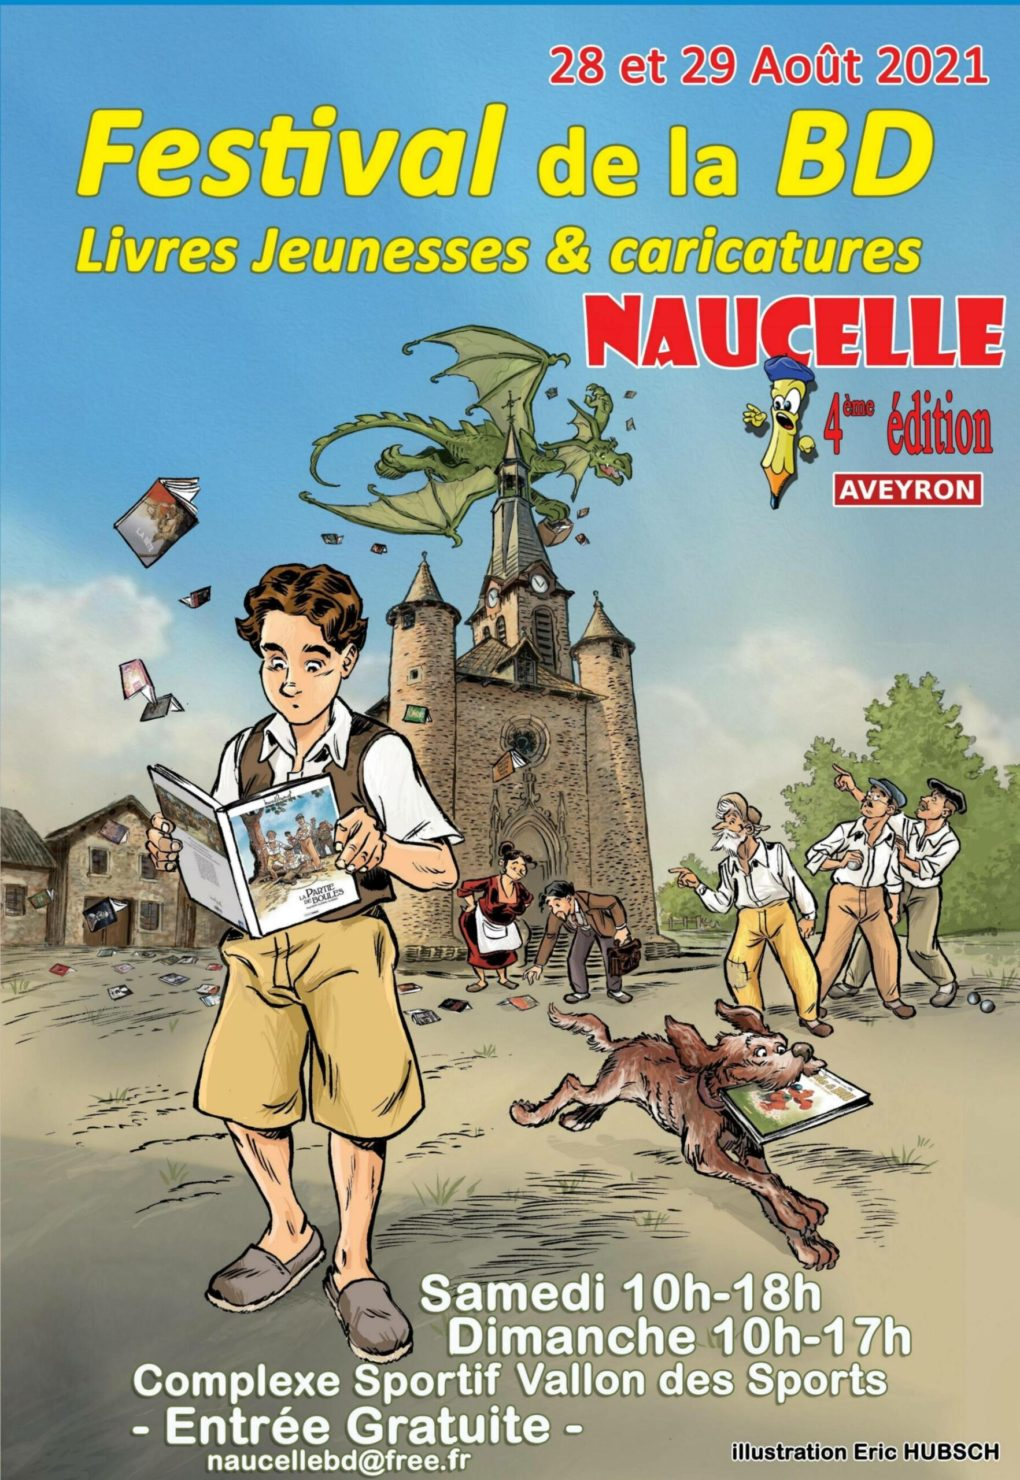 Festival de la BD, Livres Jeunesses & caricatures Naucelle 2021